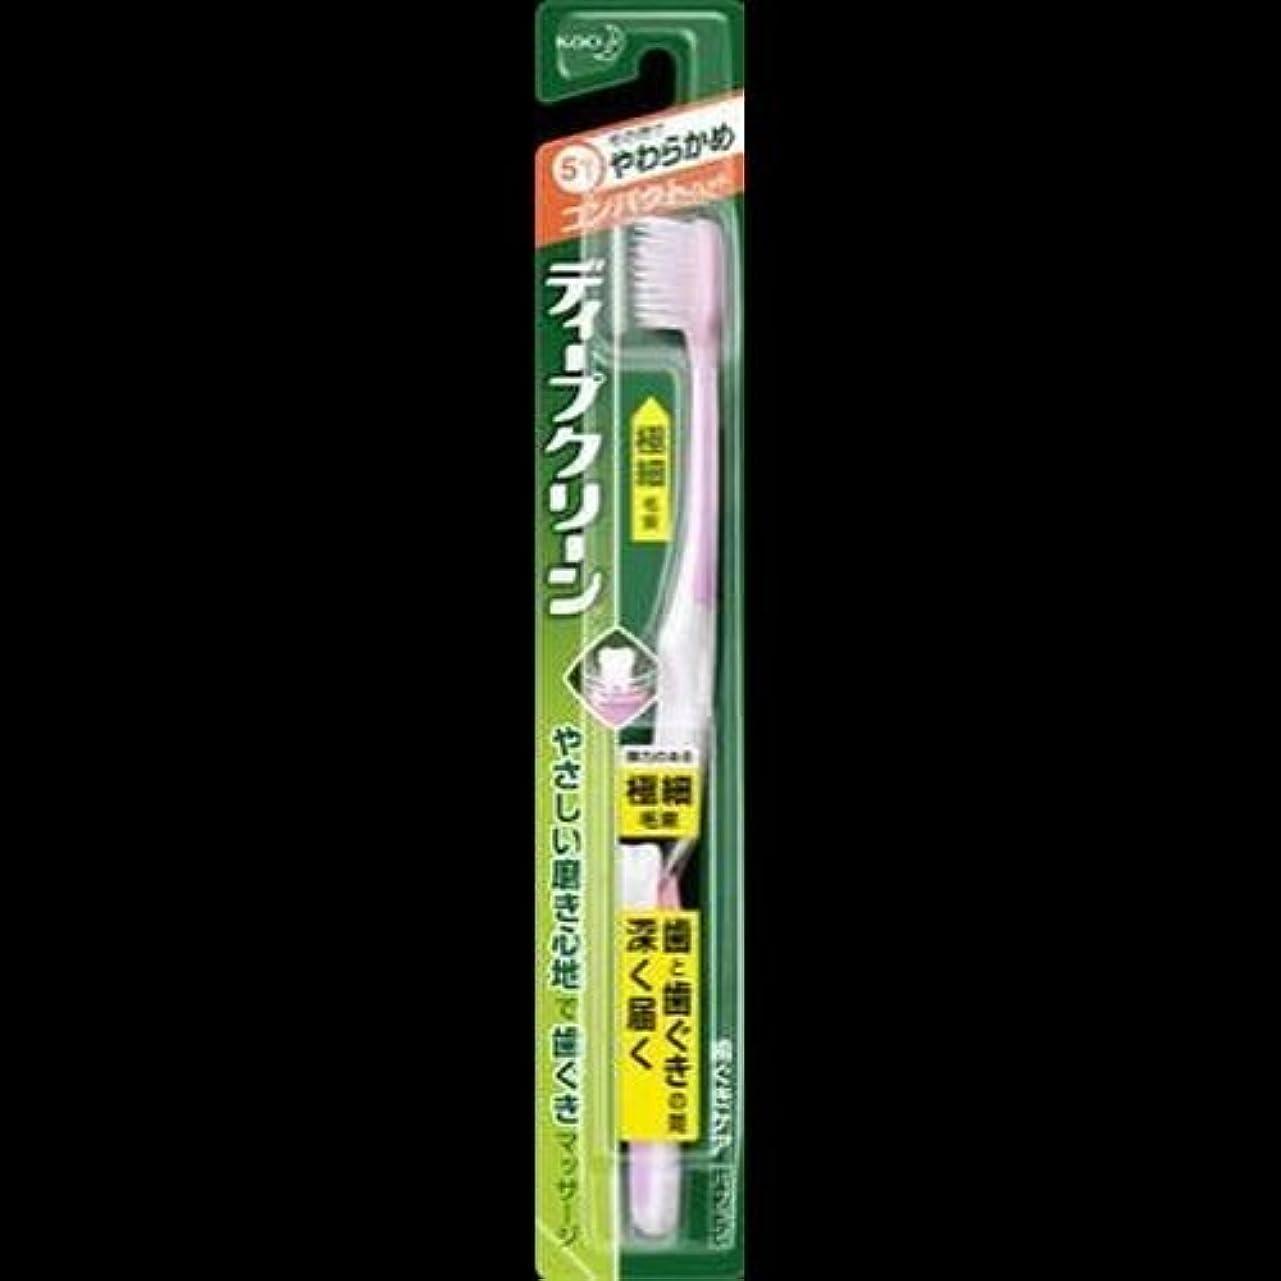 【まとめ買い】ディープクリーン ハブラシ コンパクト やわらかめ ×2セット